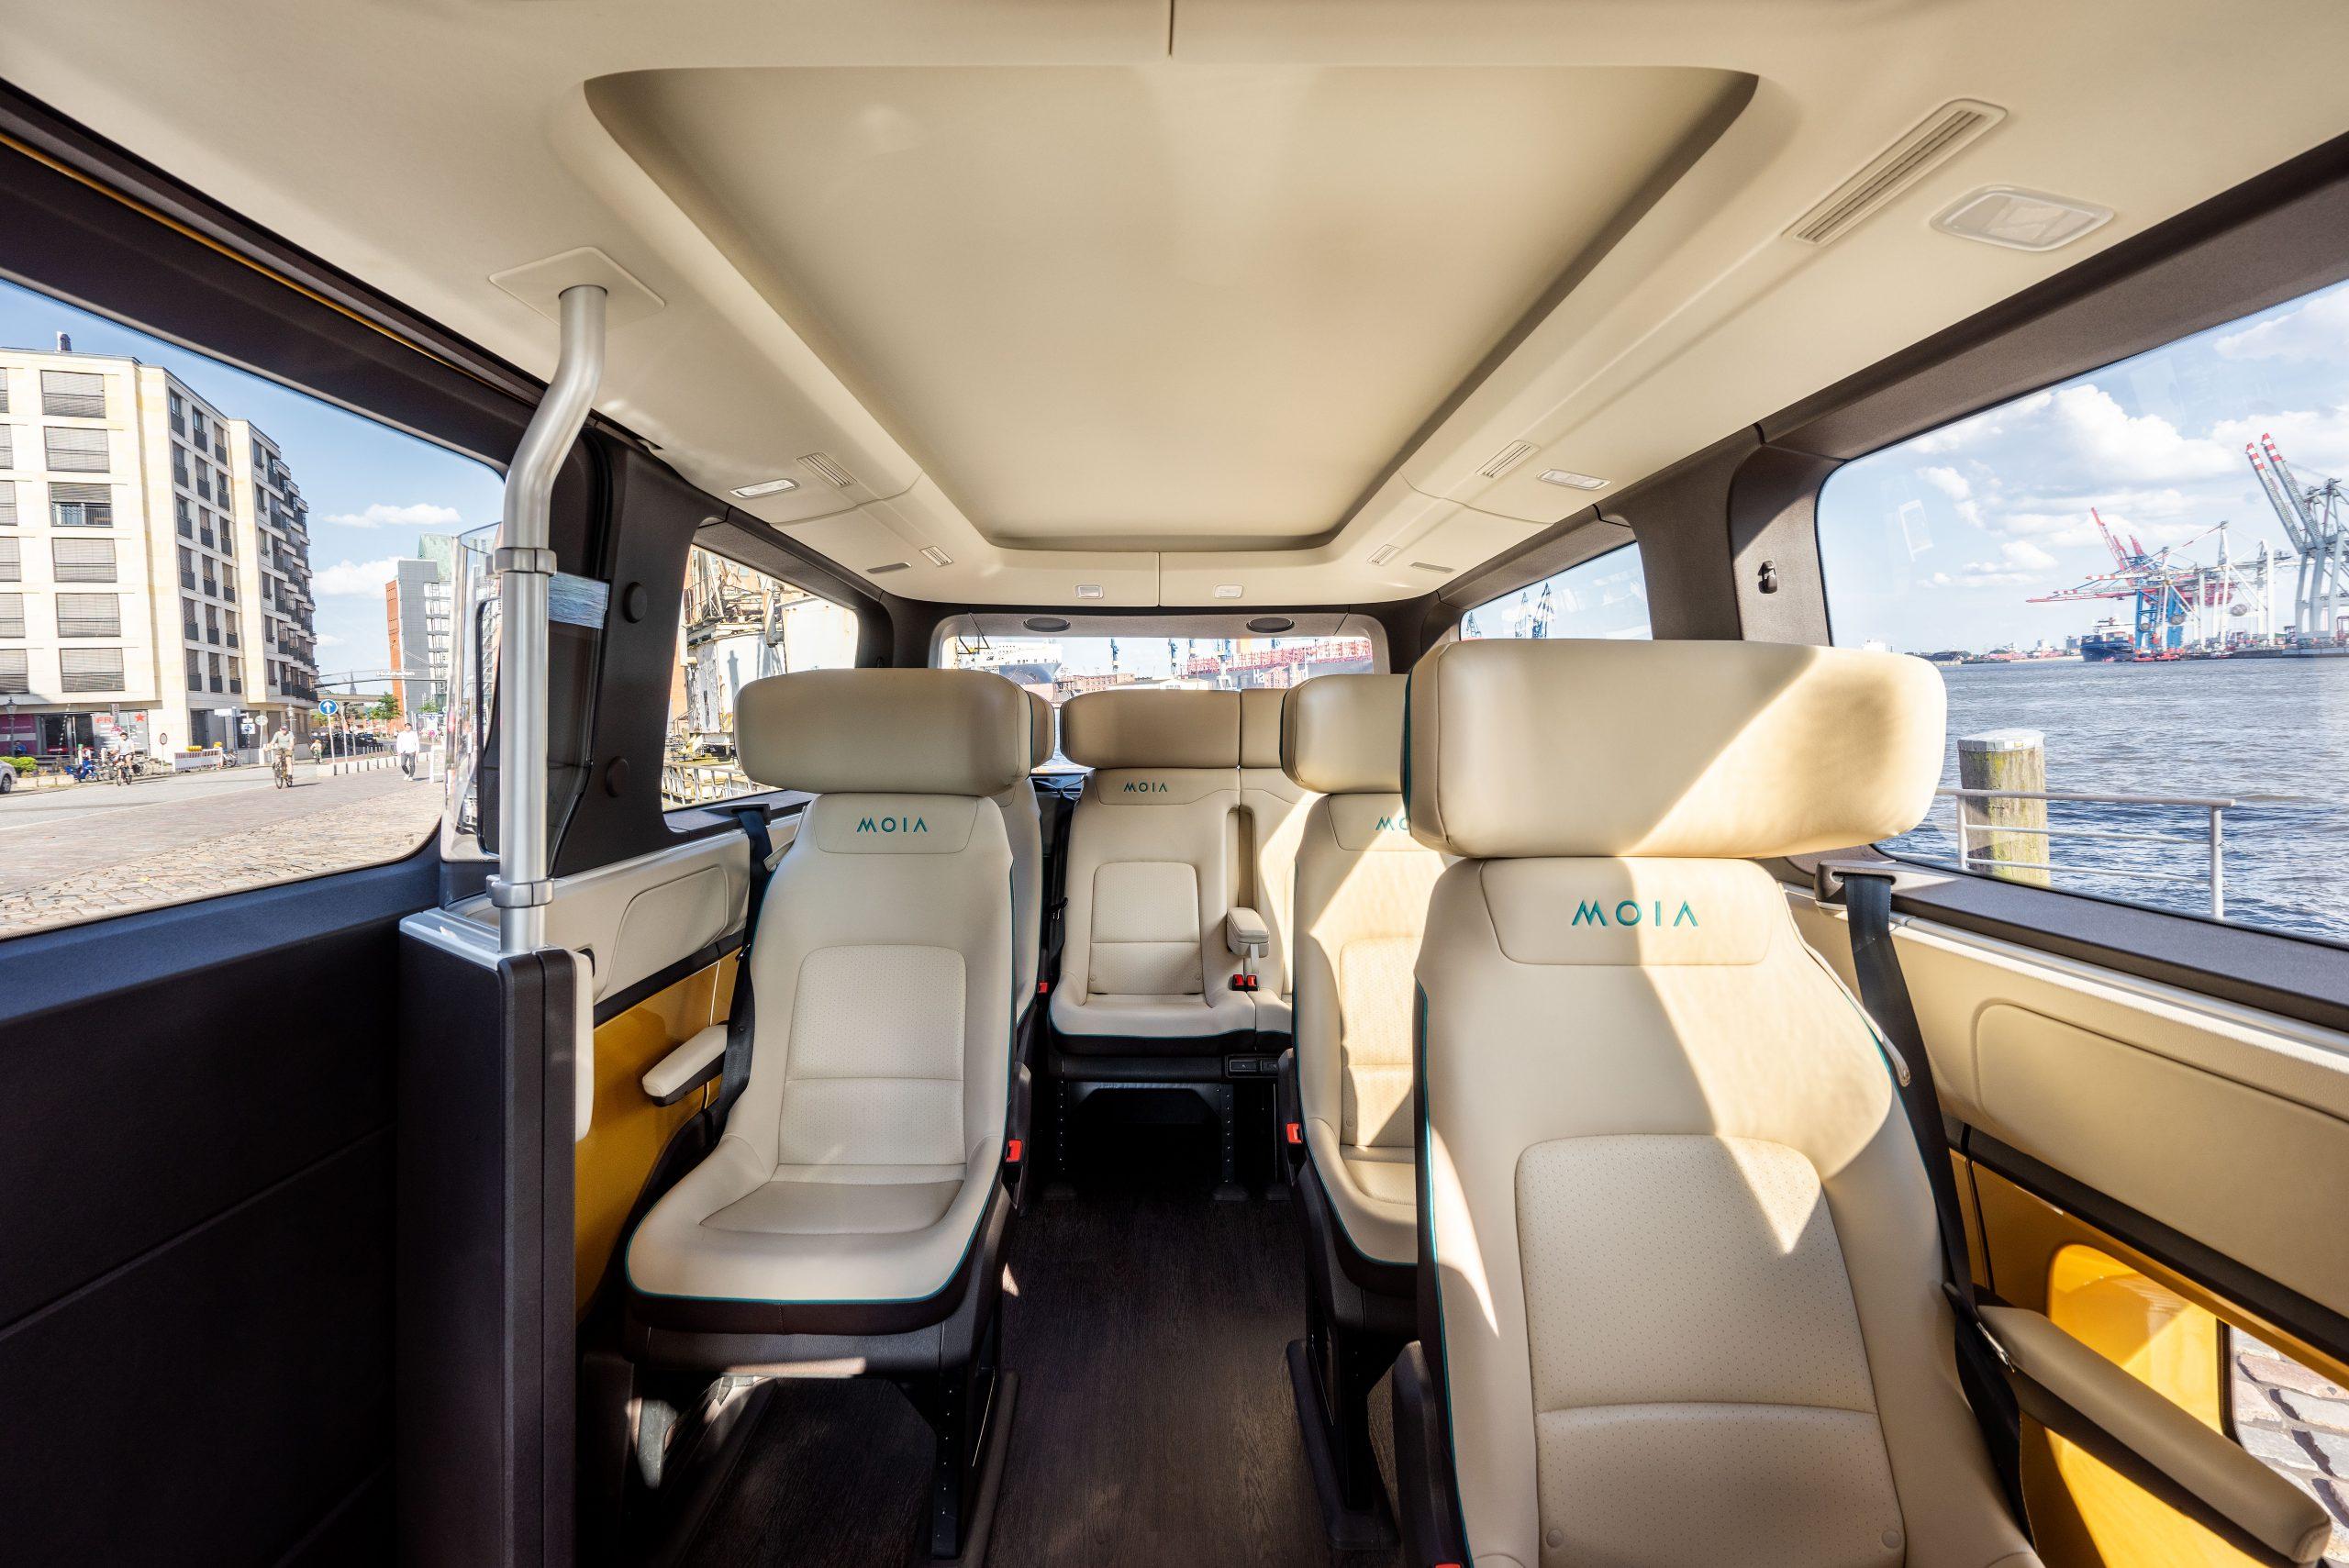 Volkswagen Minibus